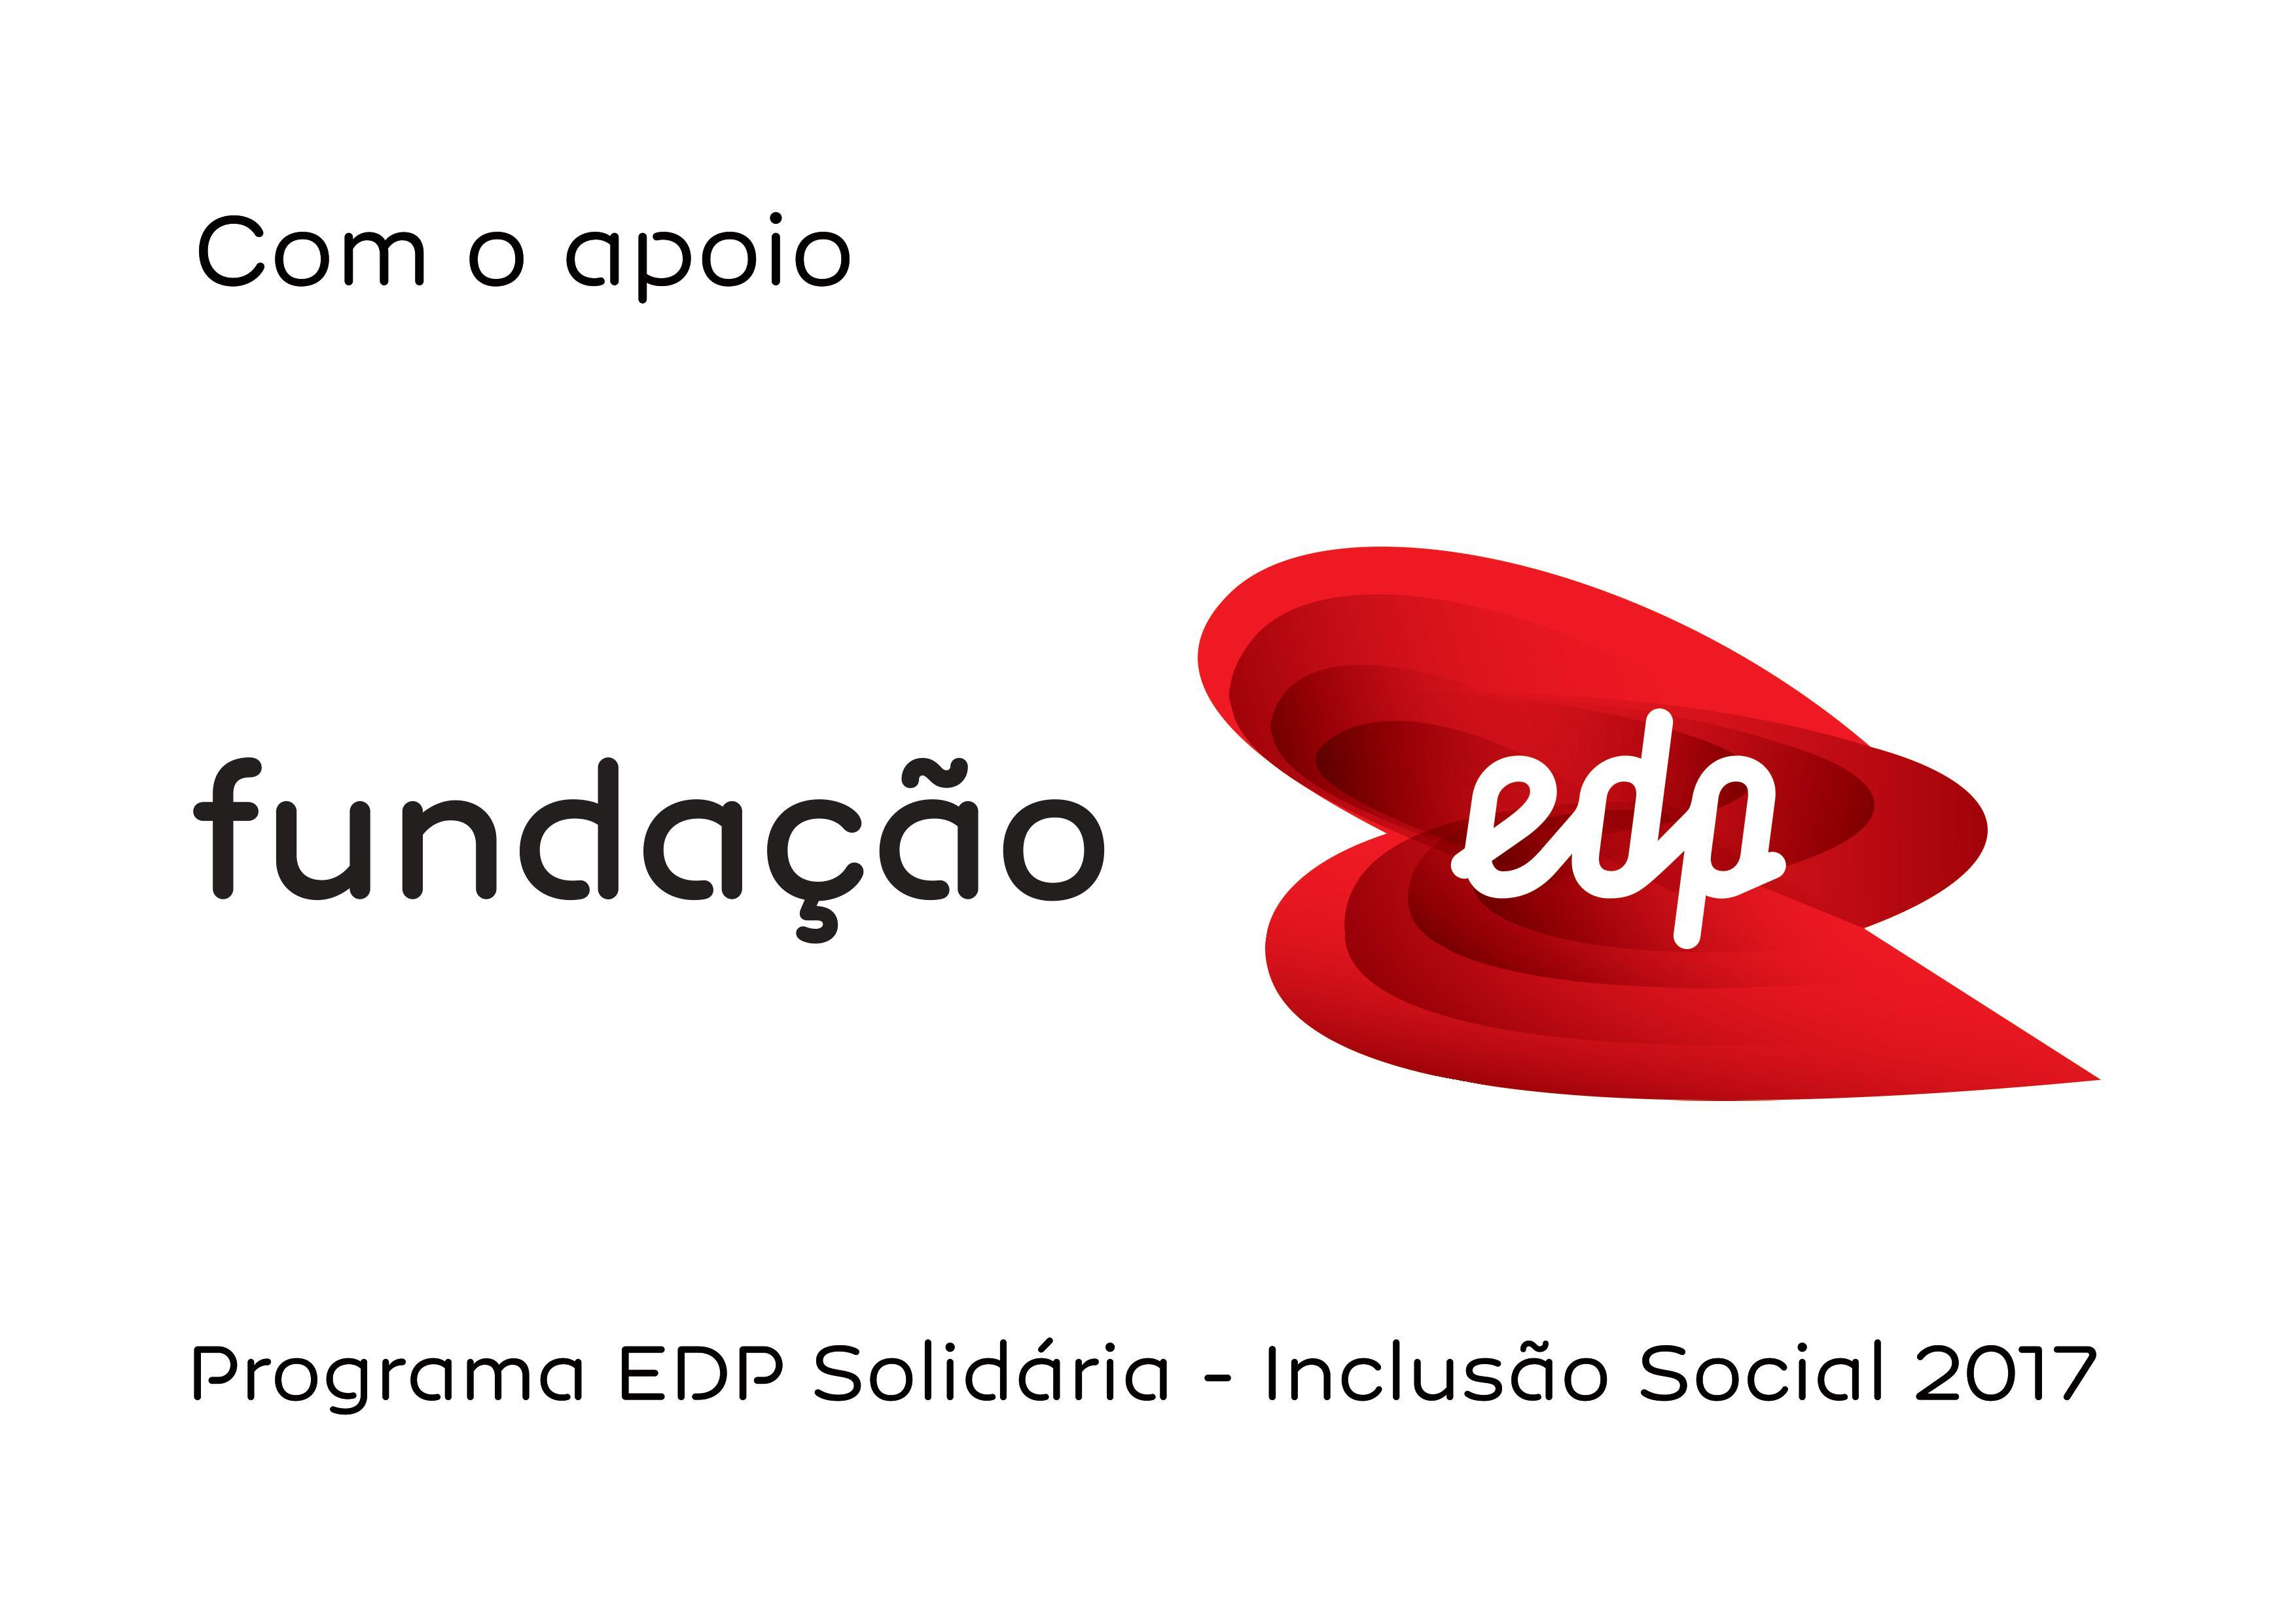 projeto cofinanciado pela Fundação EDP, através do programa EDP Solidária – Inclusão Social 2017.